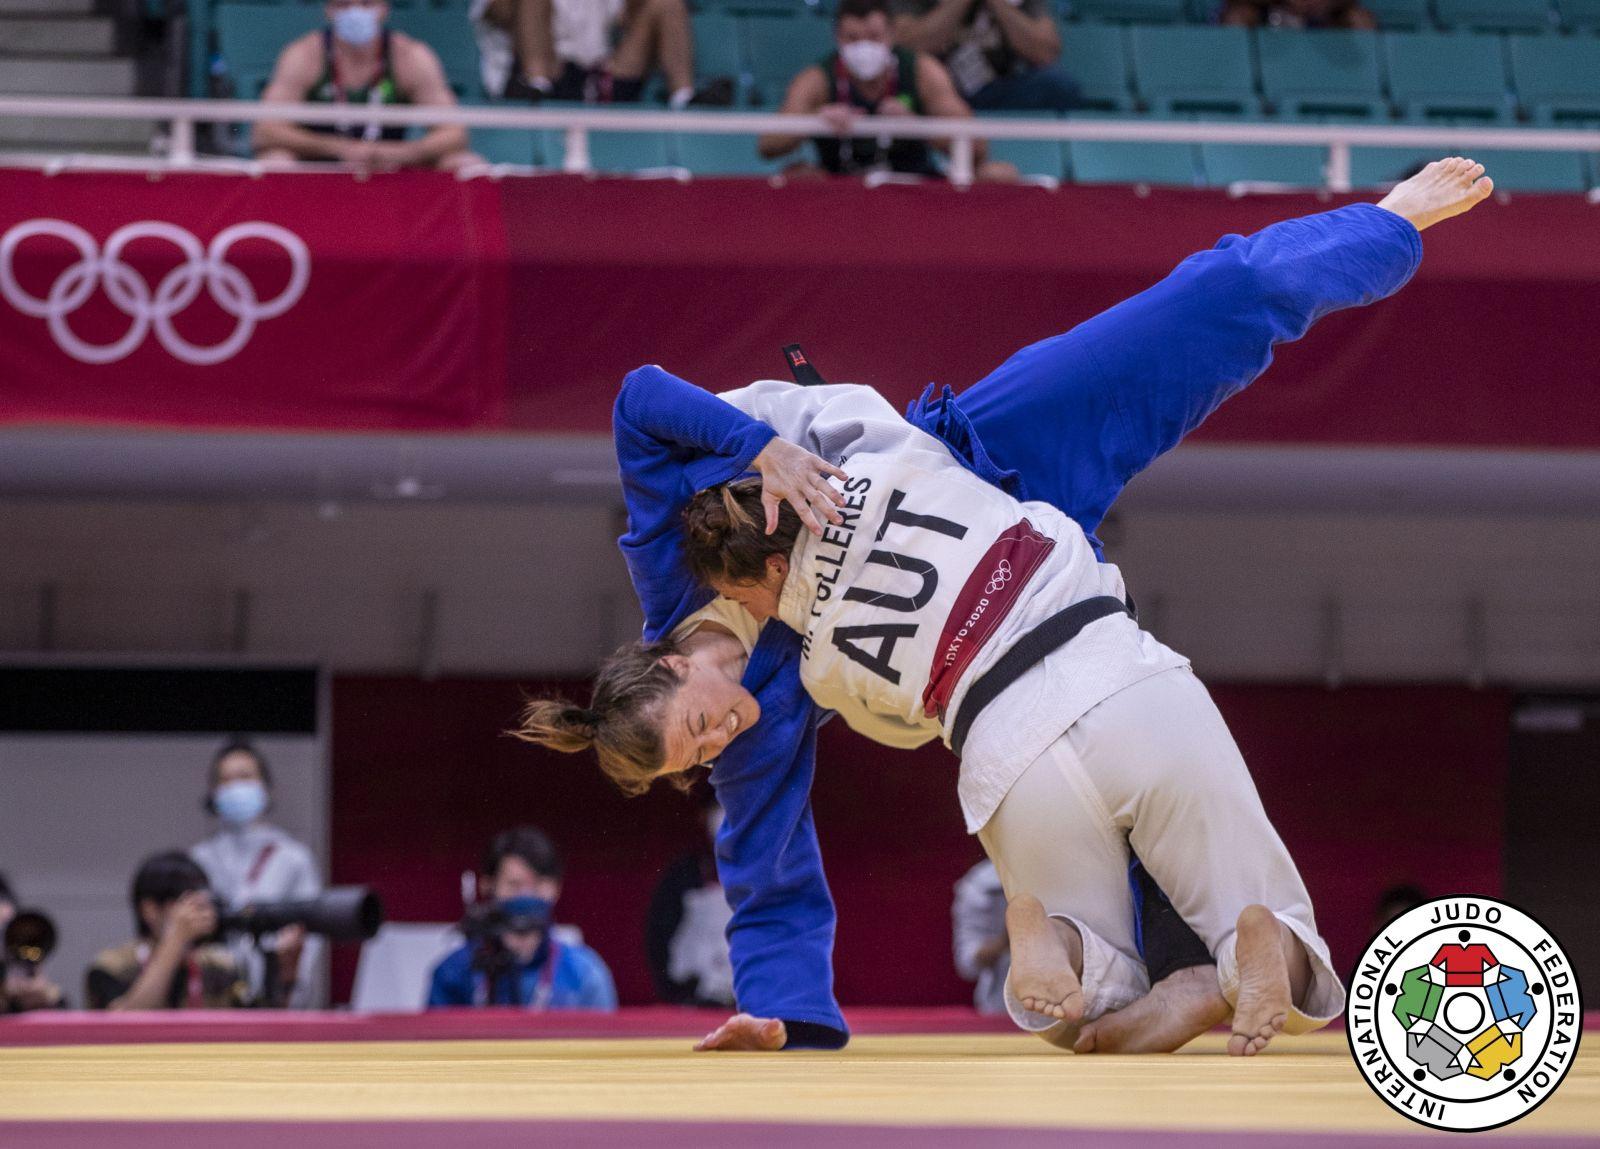 2021-olympijske-hry-tokio-judo-austria-1